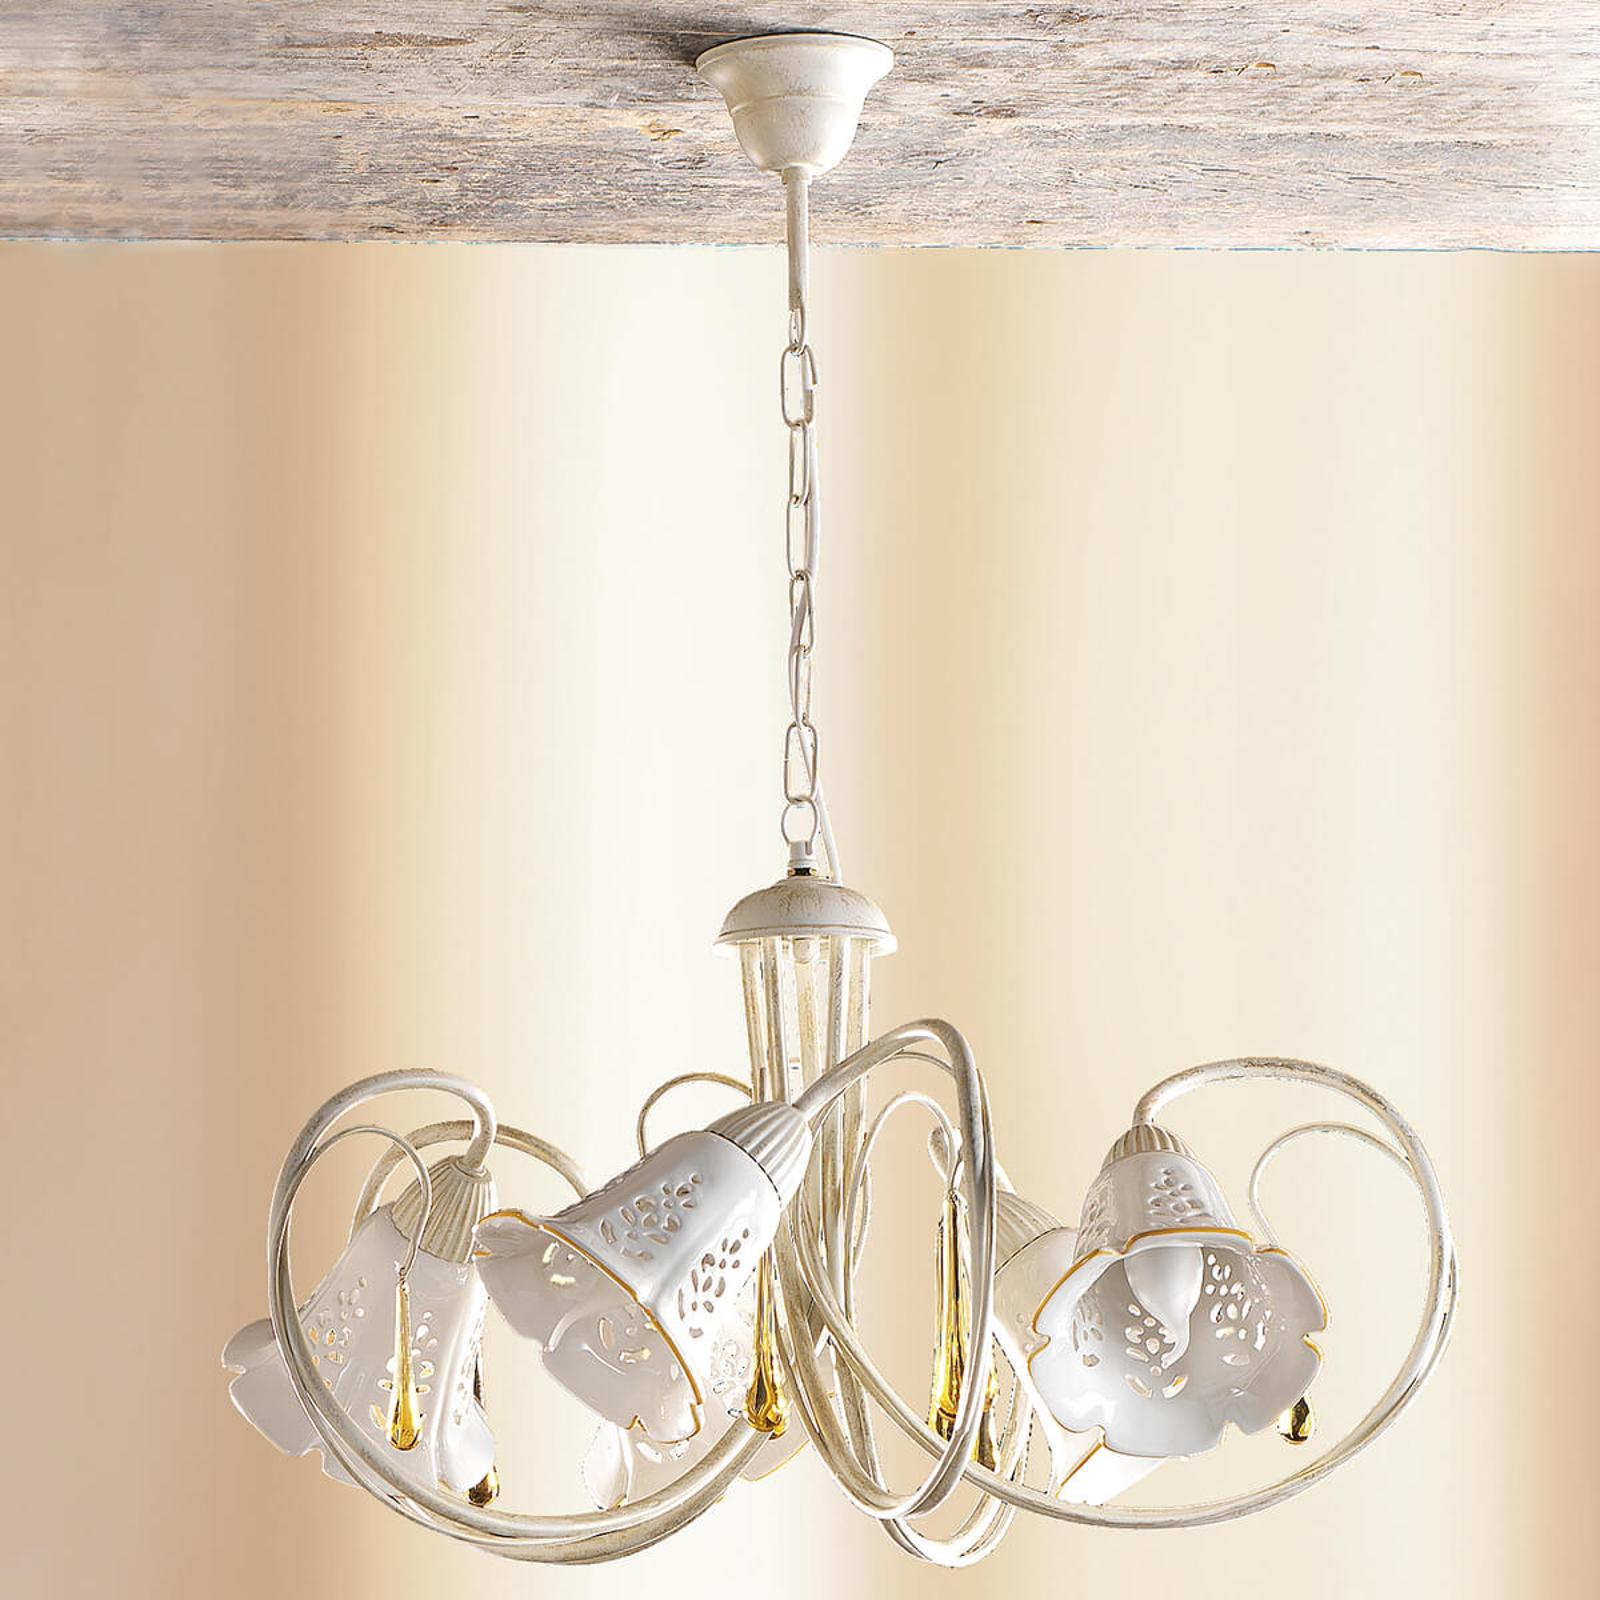 Gocce - lámpara colgante curva de cerámica